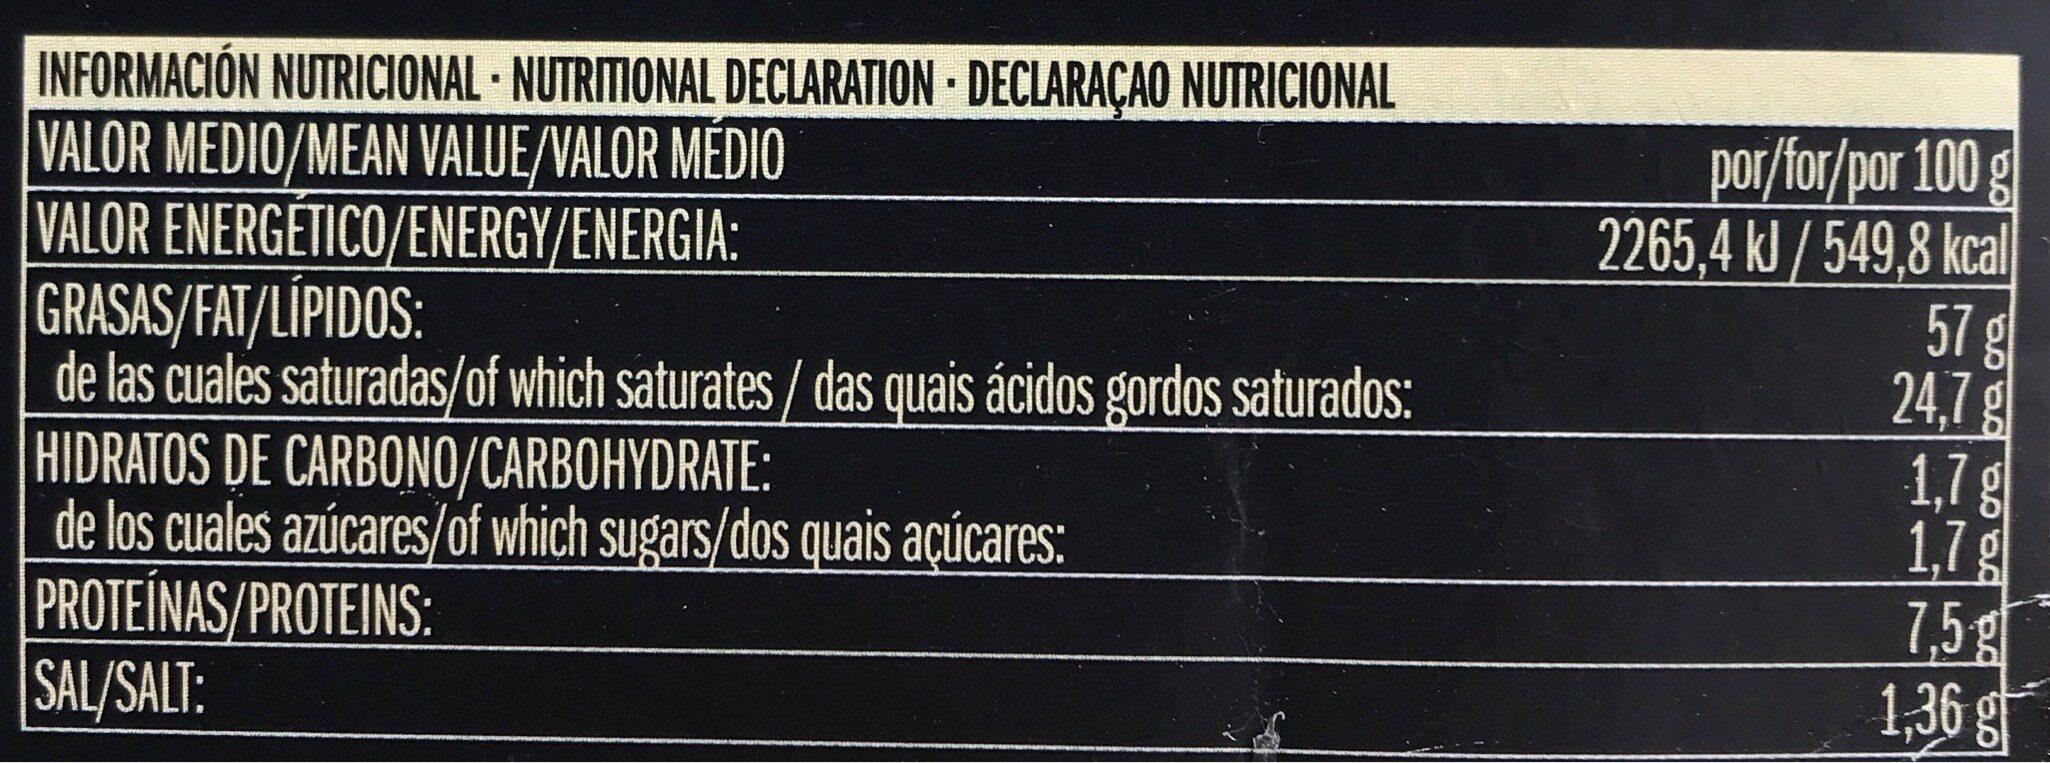 Foie gras entero de pato mi cuit - Informació nutricional